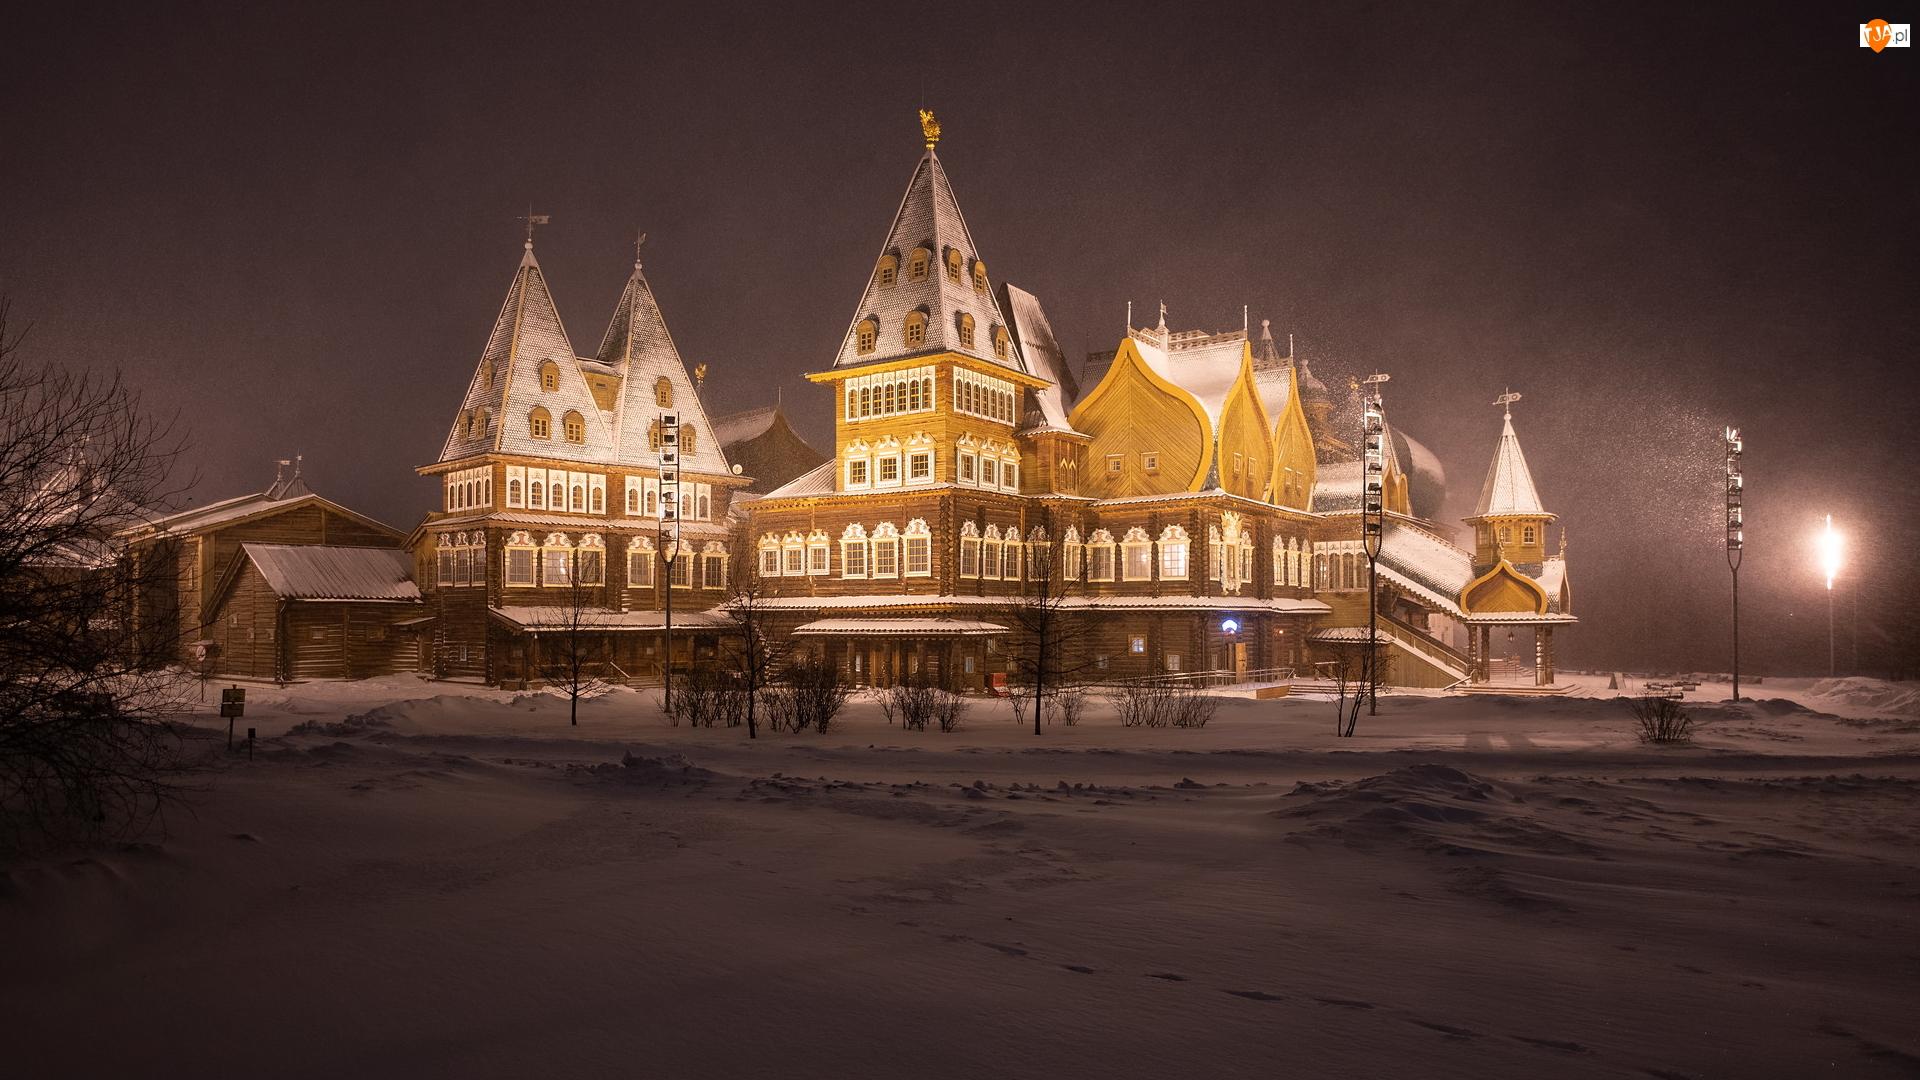 Rosja, Padający, Moskwa, Muzeum, Kolomenskoye, Śnieg, Oświetlony, Zima, Pałac cara Aleksego Michajłowicza